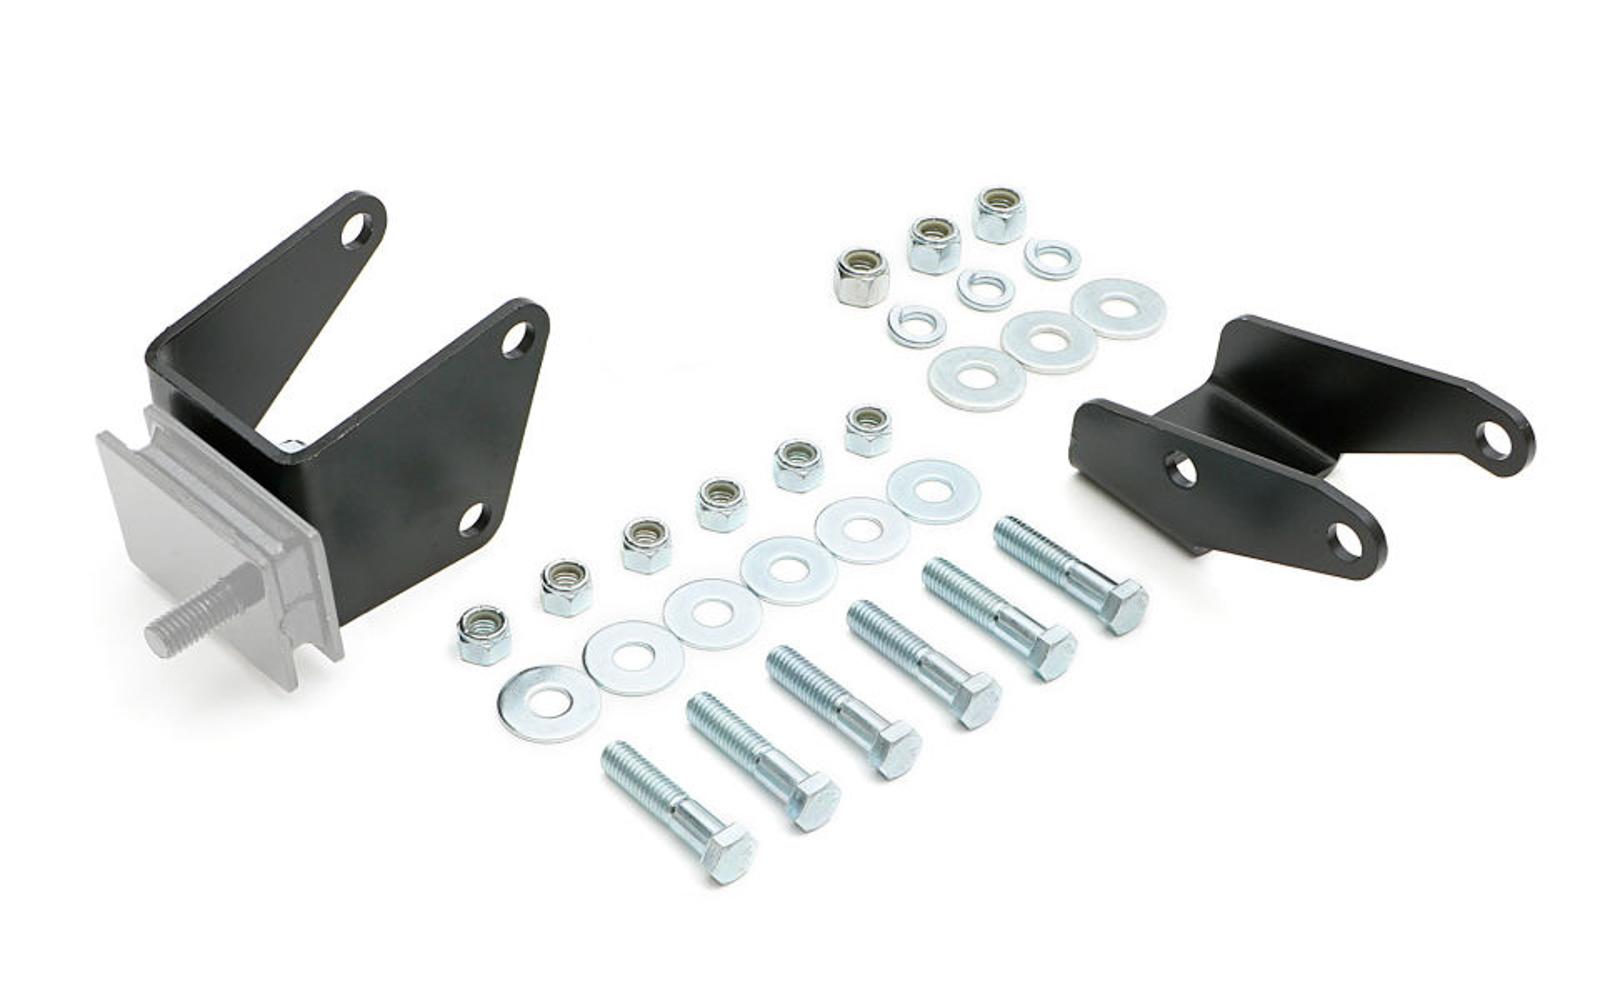 Trans Dapt 4798 Motor Mount Adapter, Bolt-On, Steel, Black Paint, Mopar B / RB-Series, Mopar A-Body 1967-72, Kit